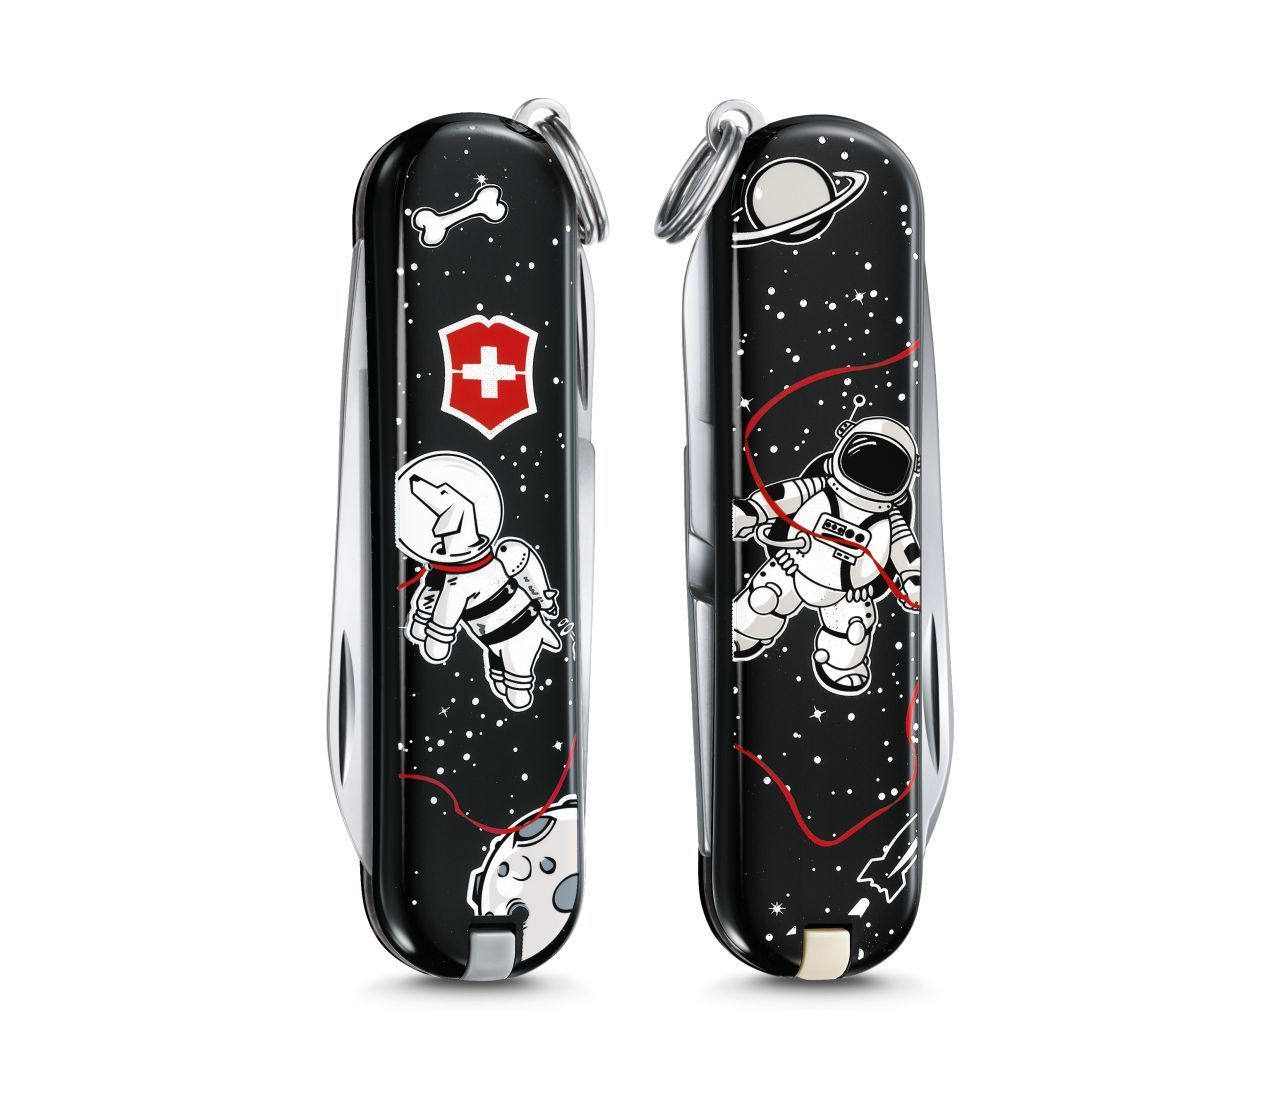 Складной нож Victorinox Classic limited edition 2017 Space Walk (0.6223.L1707) 58мм 7функцийШвейцарские армейские ножи Victorinox<br>Материал: высококачественная нержавеющая стальРукоять: глянцевый нейлонВес: 26.1г.<br>ФУНКЦИИ:<br><br>лезвие<br>ножницы<br>пилочка для ногтей с<br>отверткой 2.5 мм<br>кольцо для подвеса<br>зубочистка<br>пинцет<br>